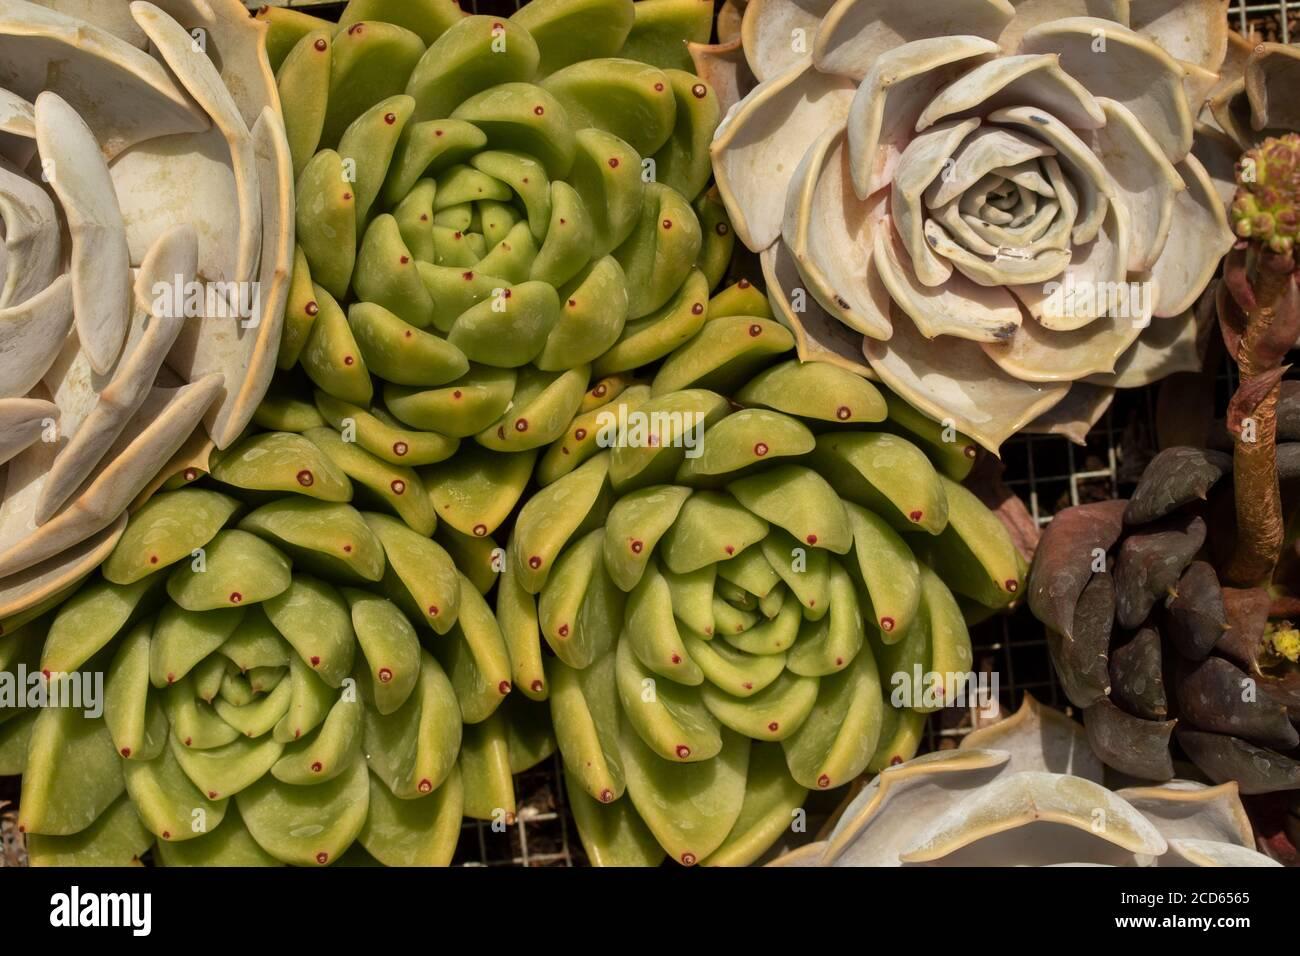 Sempervivum (houseleeks) in close-up, plant portrait Stock Photo